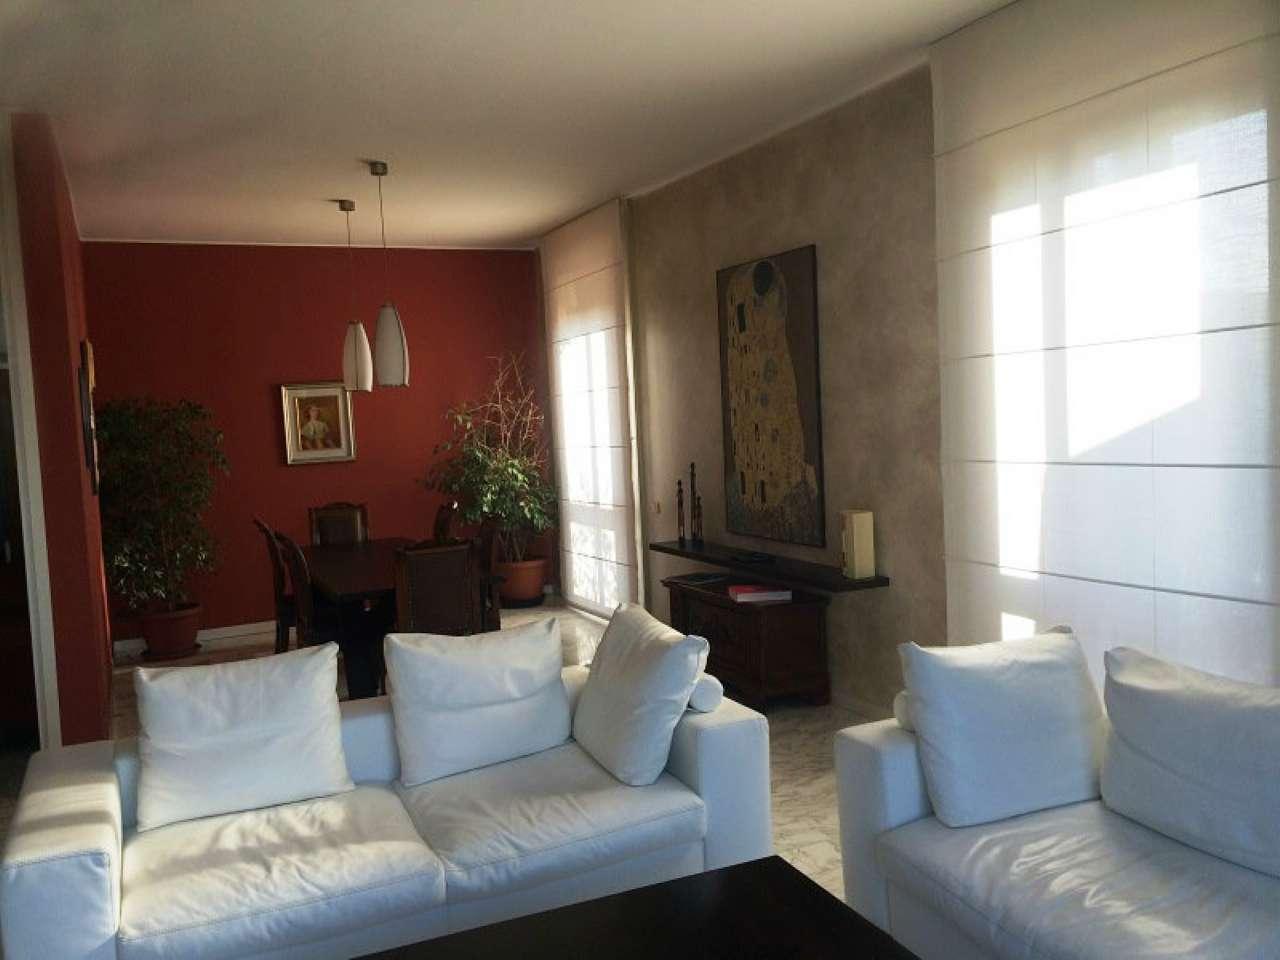 Attico / Mansarda in affitto a Monza, 10 locali, zona Zona: 1 . Centro Storico, San Gerardo, Via Lecco, prezzo € 2.200 | Cambio Casa.it